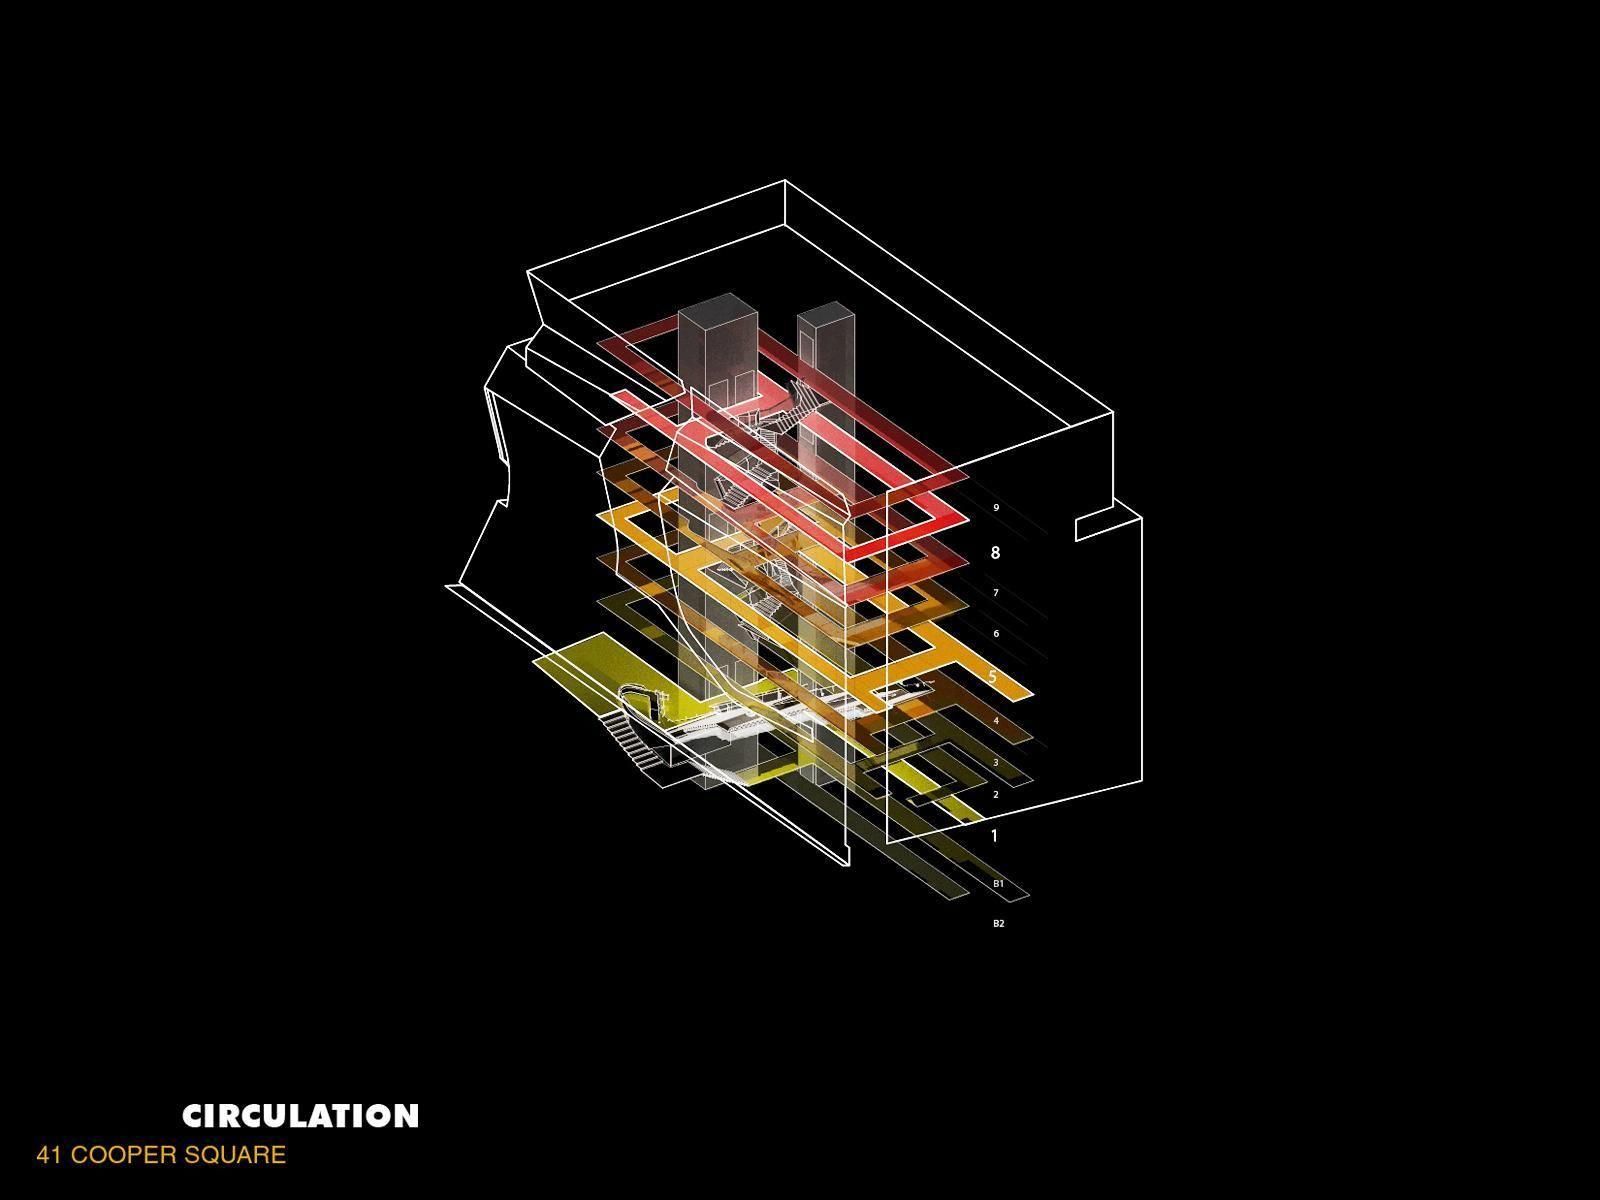 Circulation Diagram    41 Cooper Square    Morphosis